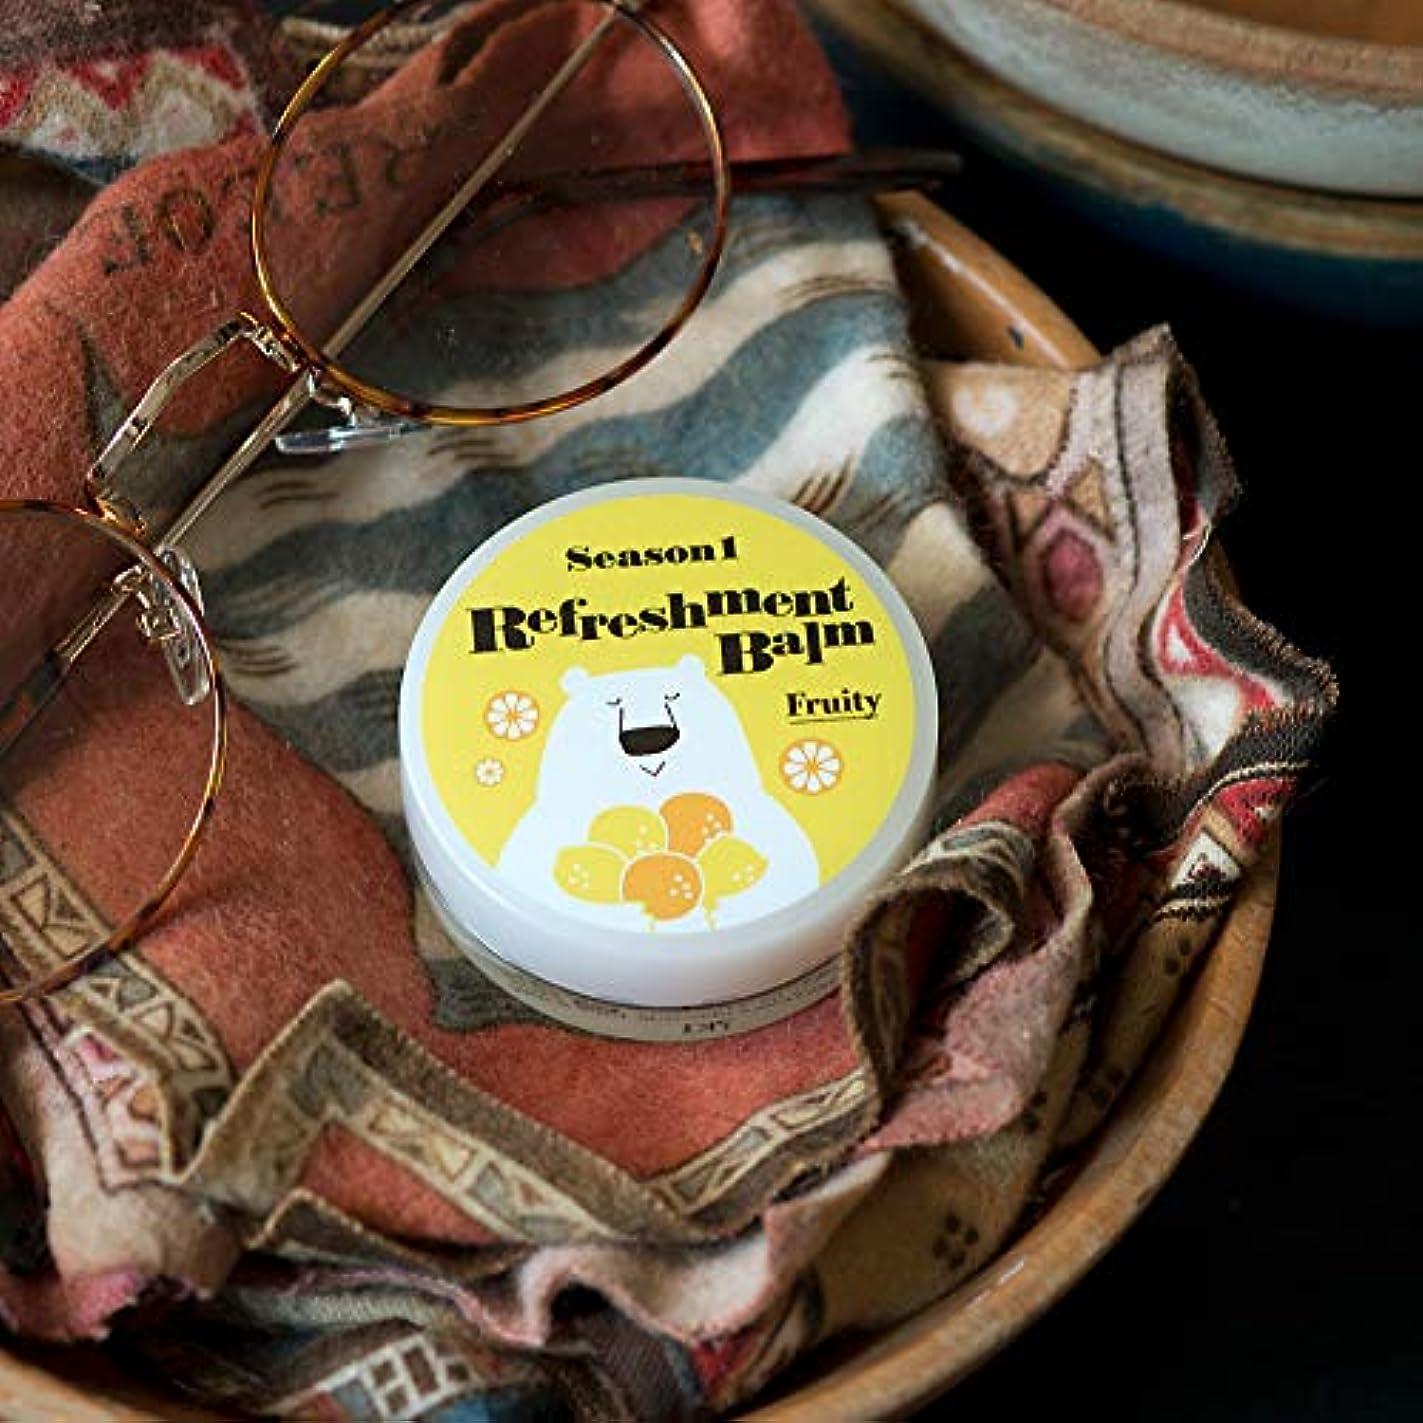 アーネストシャクルトンドラッグ効率(美健)BIKEN カサカサ鼻にひと塗り リフレッシュメントバーム フルーティ エッセンシャルオイル(精油)のみで香り付け